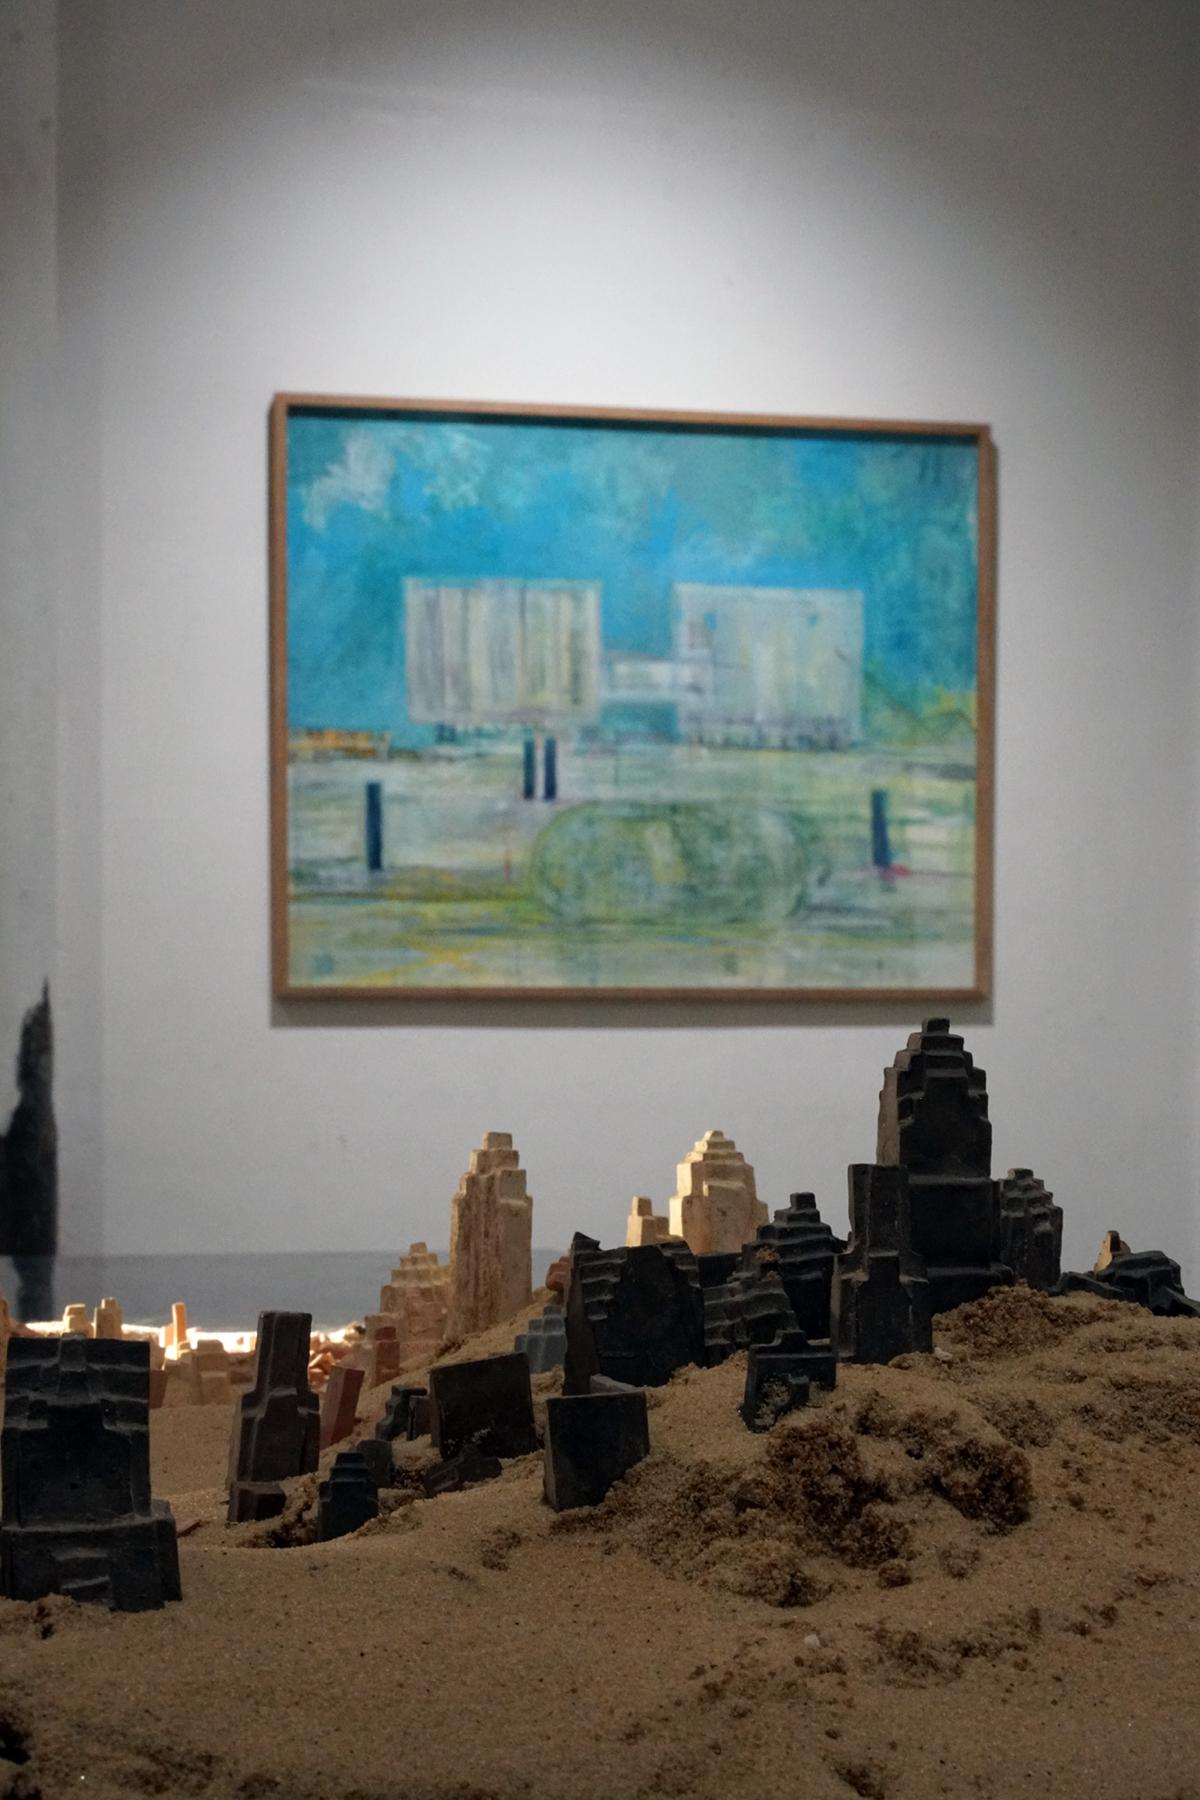 Clément Richem -  Poussières  , céramique, argile crue, sable - 2016 - 90x140cm ///// Eléonore de Margerie -  Concordia  - Techniques mixtes sur papier - 120 x 98 cm - 2009 - Cadre chêne brut